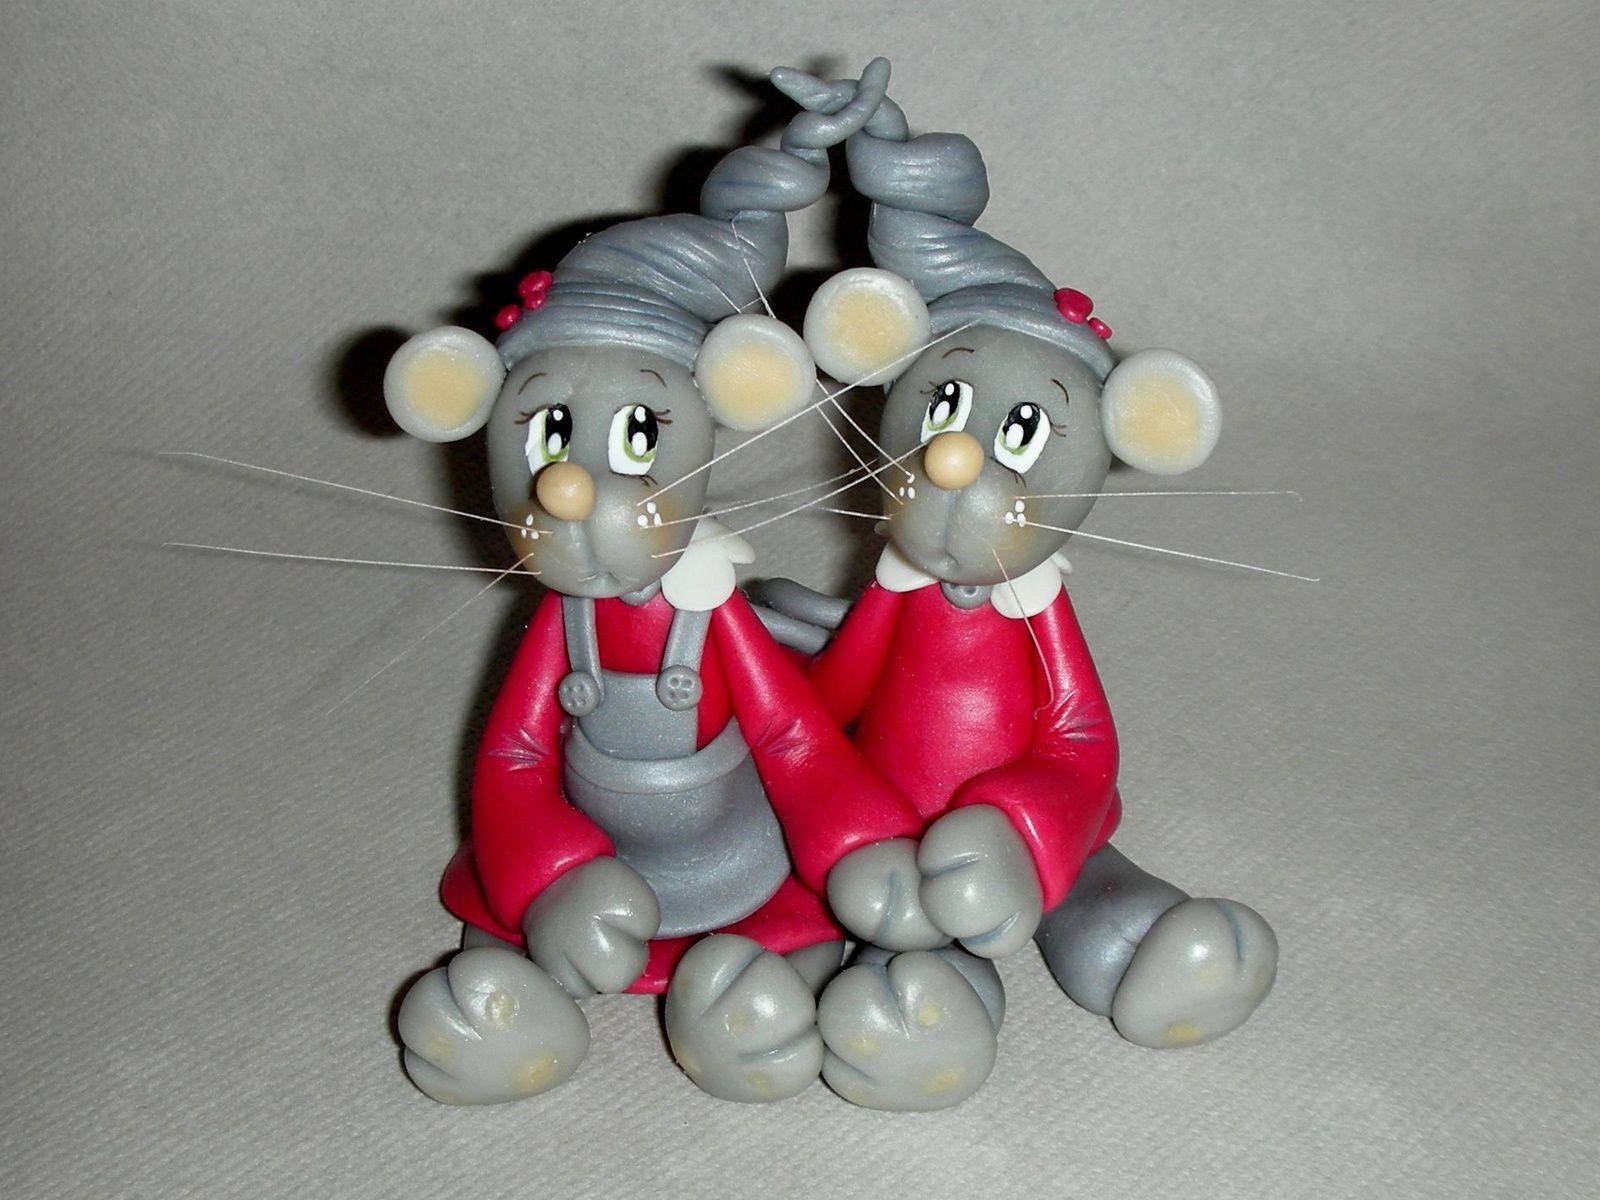 Kit de modelage &quot&#x3B;couple de souris&quot&#x3B; en porcelaine froide